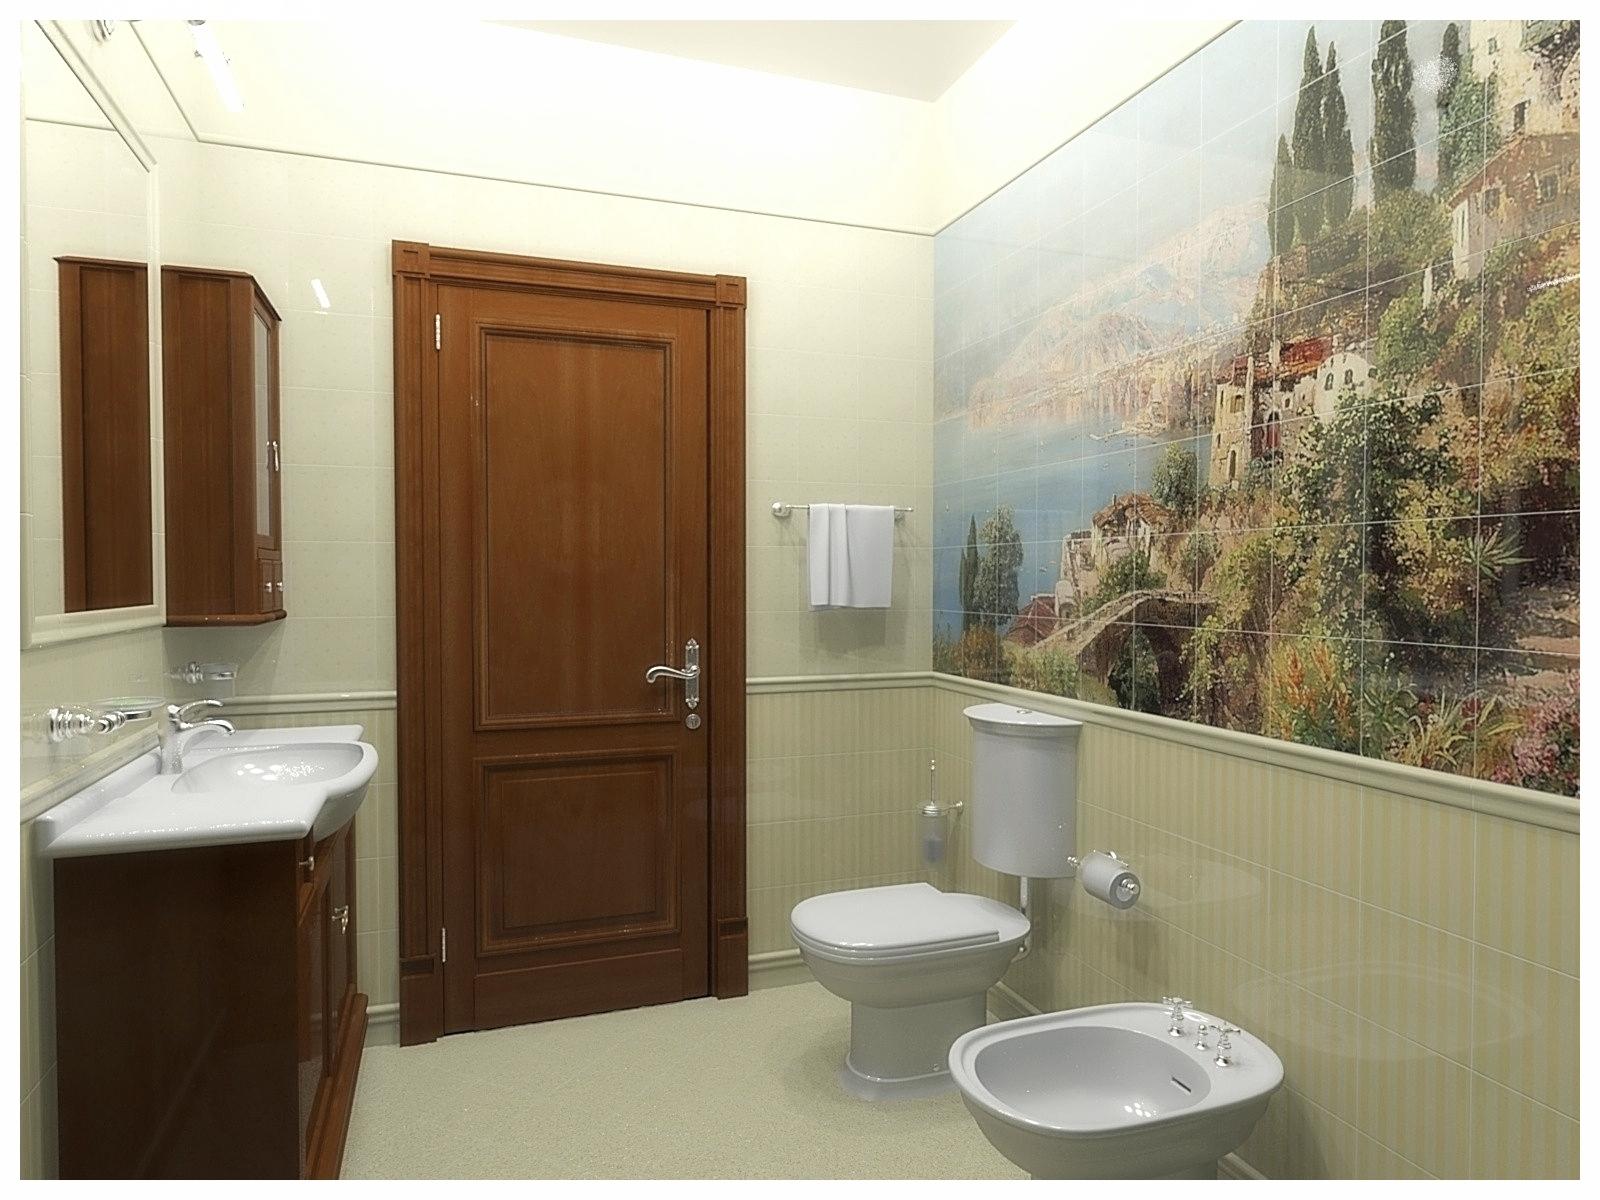 Дизайн интерьеров квартир. Санузел 1.